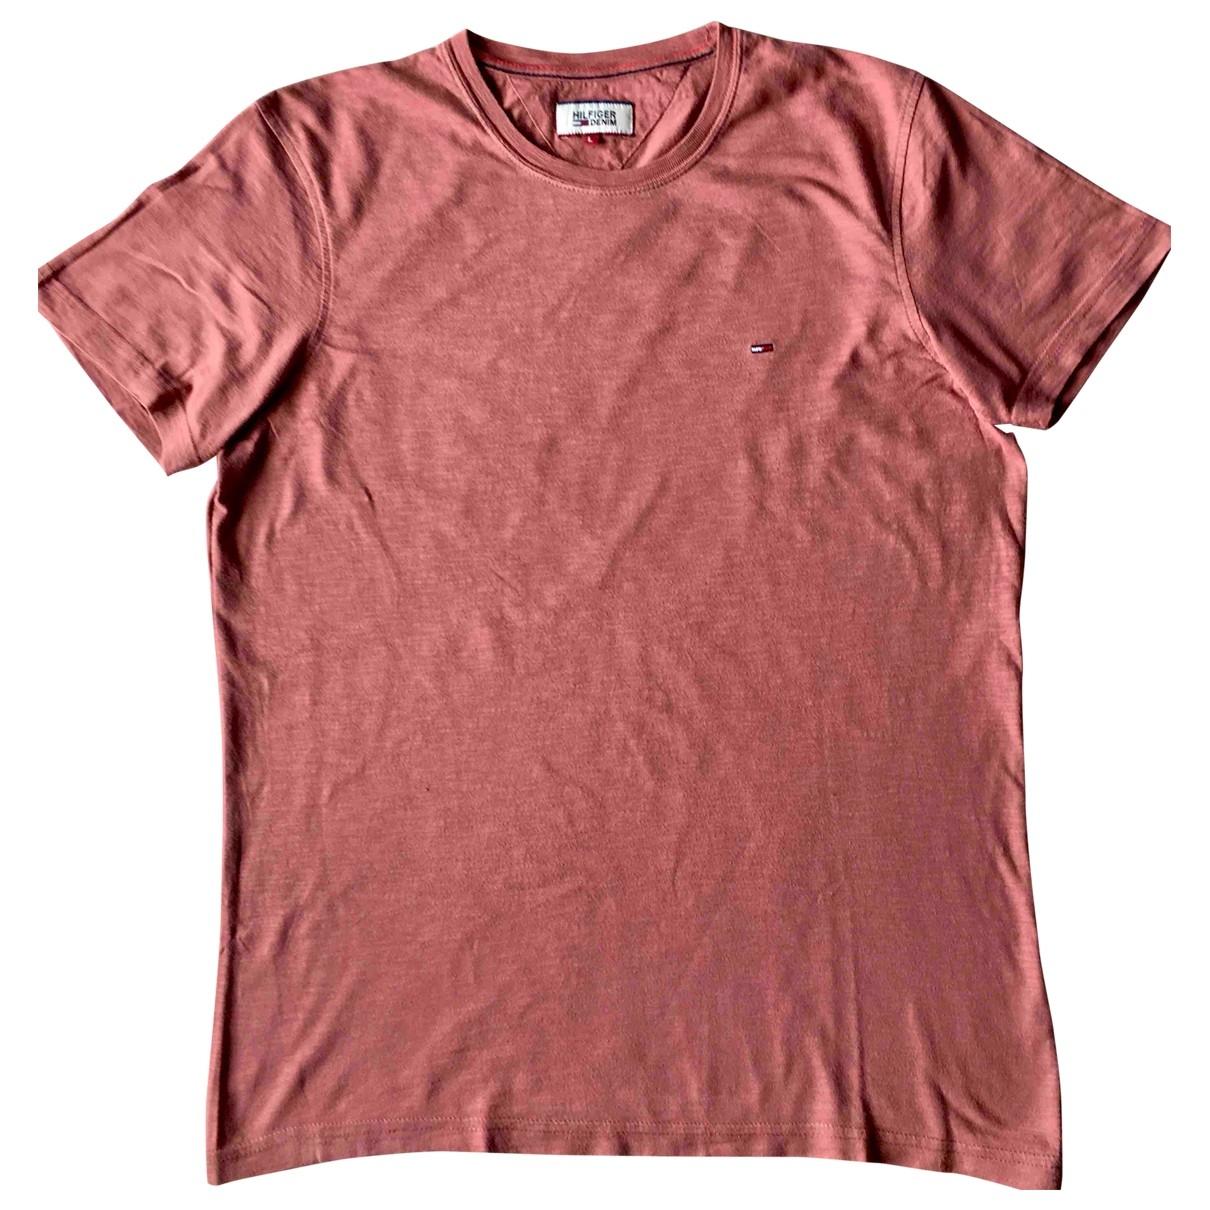 Tommy Hilfiger - Tee shirts   pour homme en coton - rouge